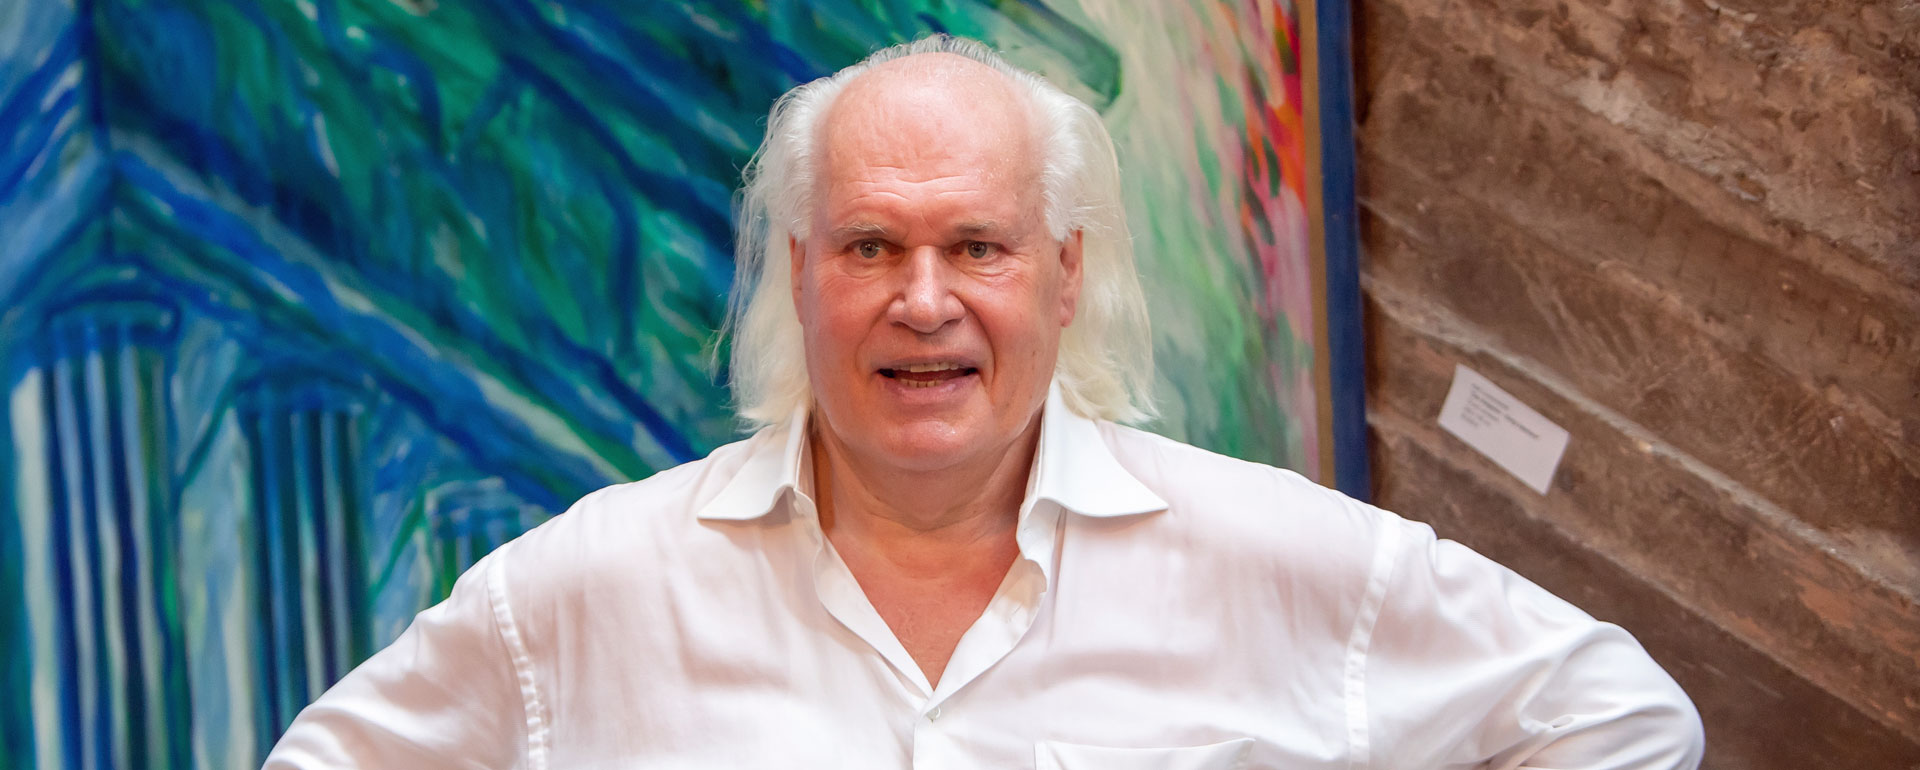 Rolf Lukaschewski posiert vor einem seiner Gemälde